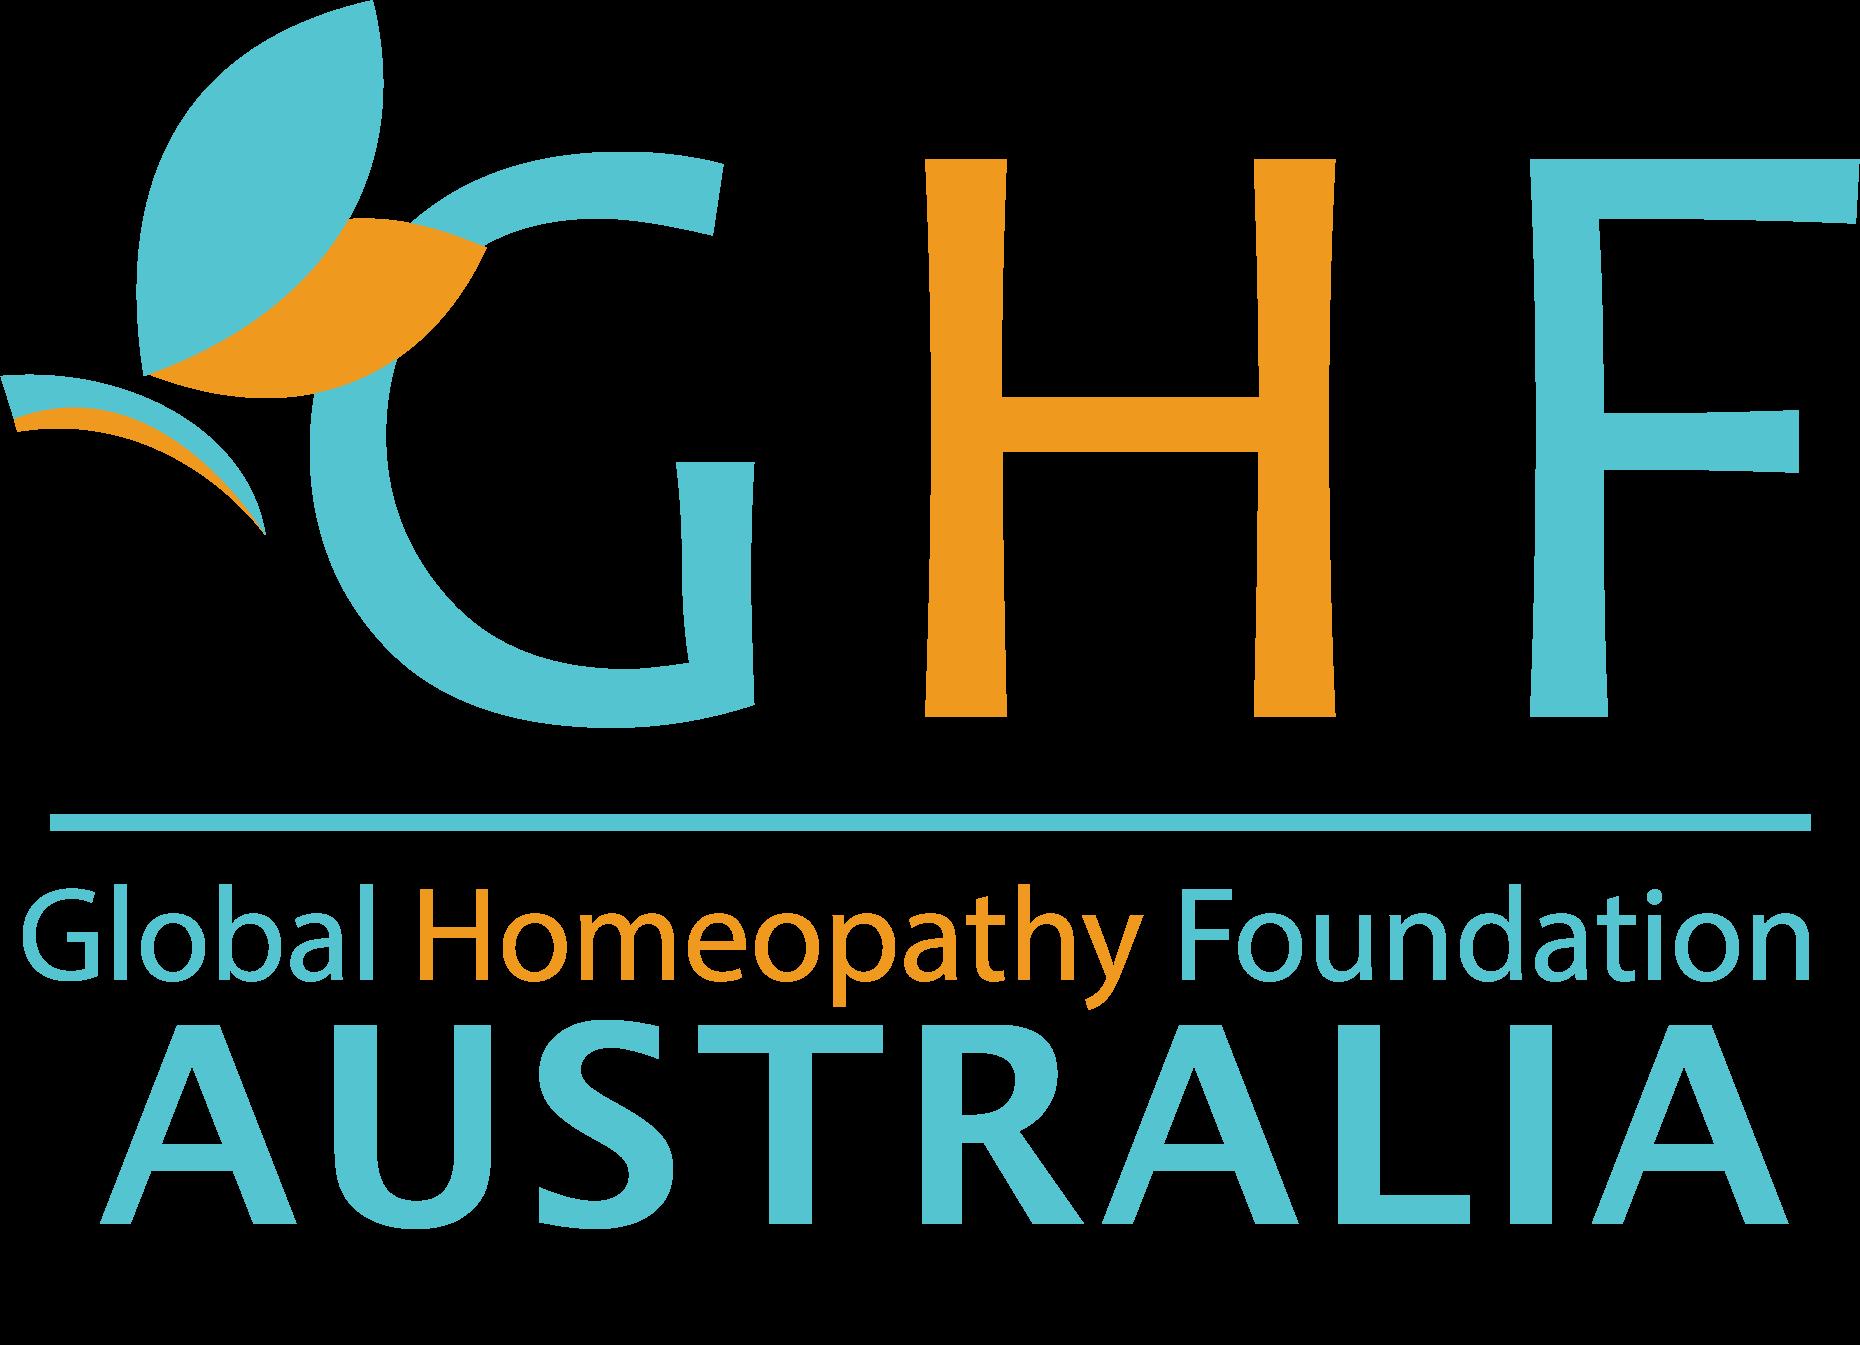 Welcome GHF Australia